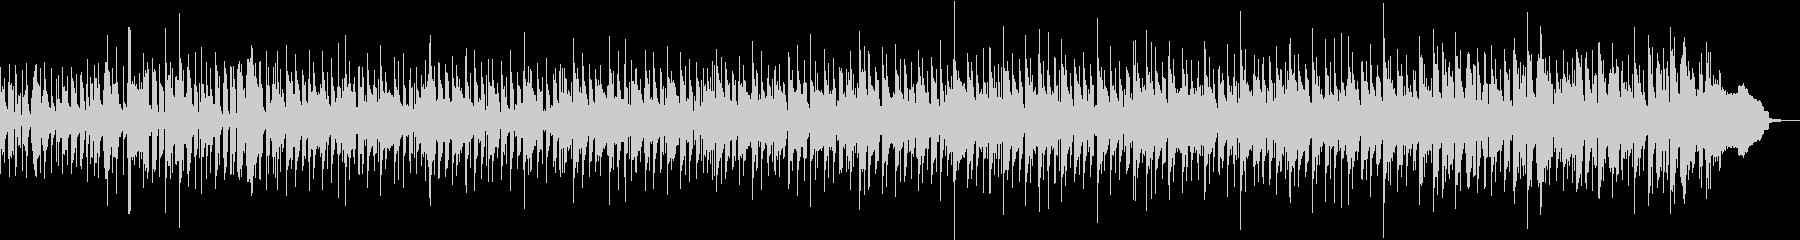 クールなスピード感あるファンクの未再生の波形